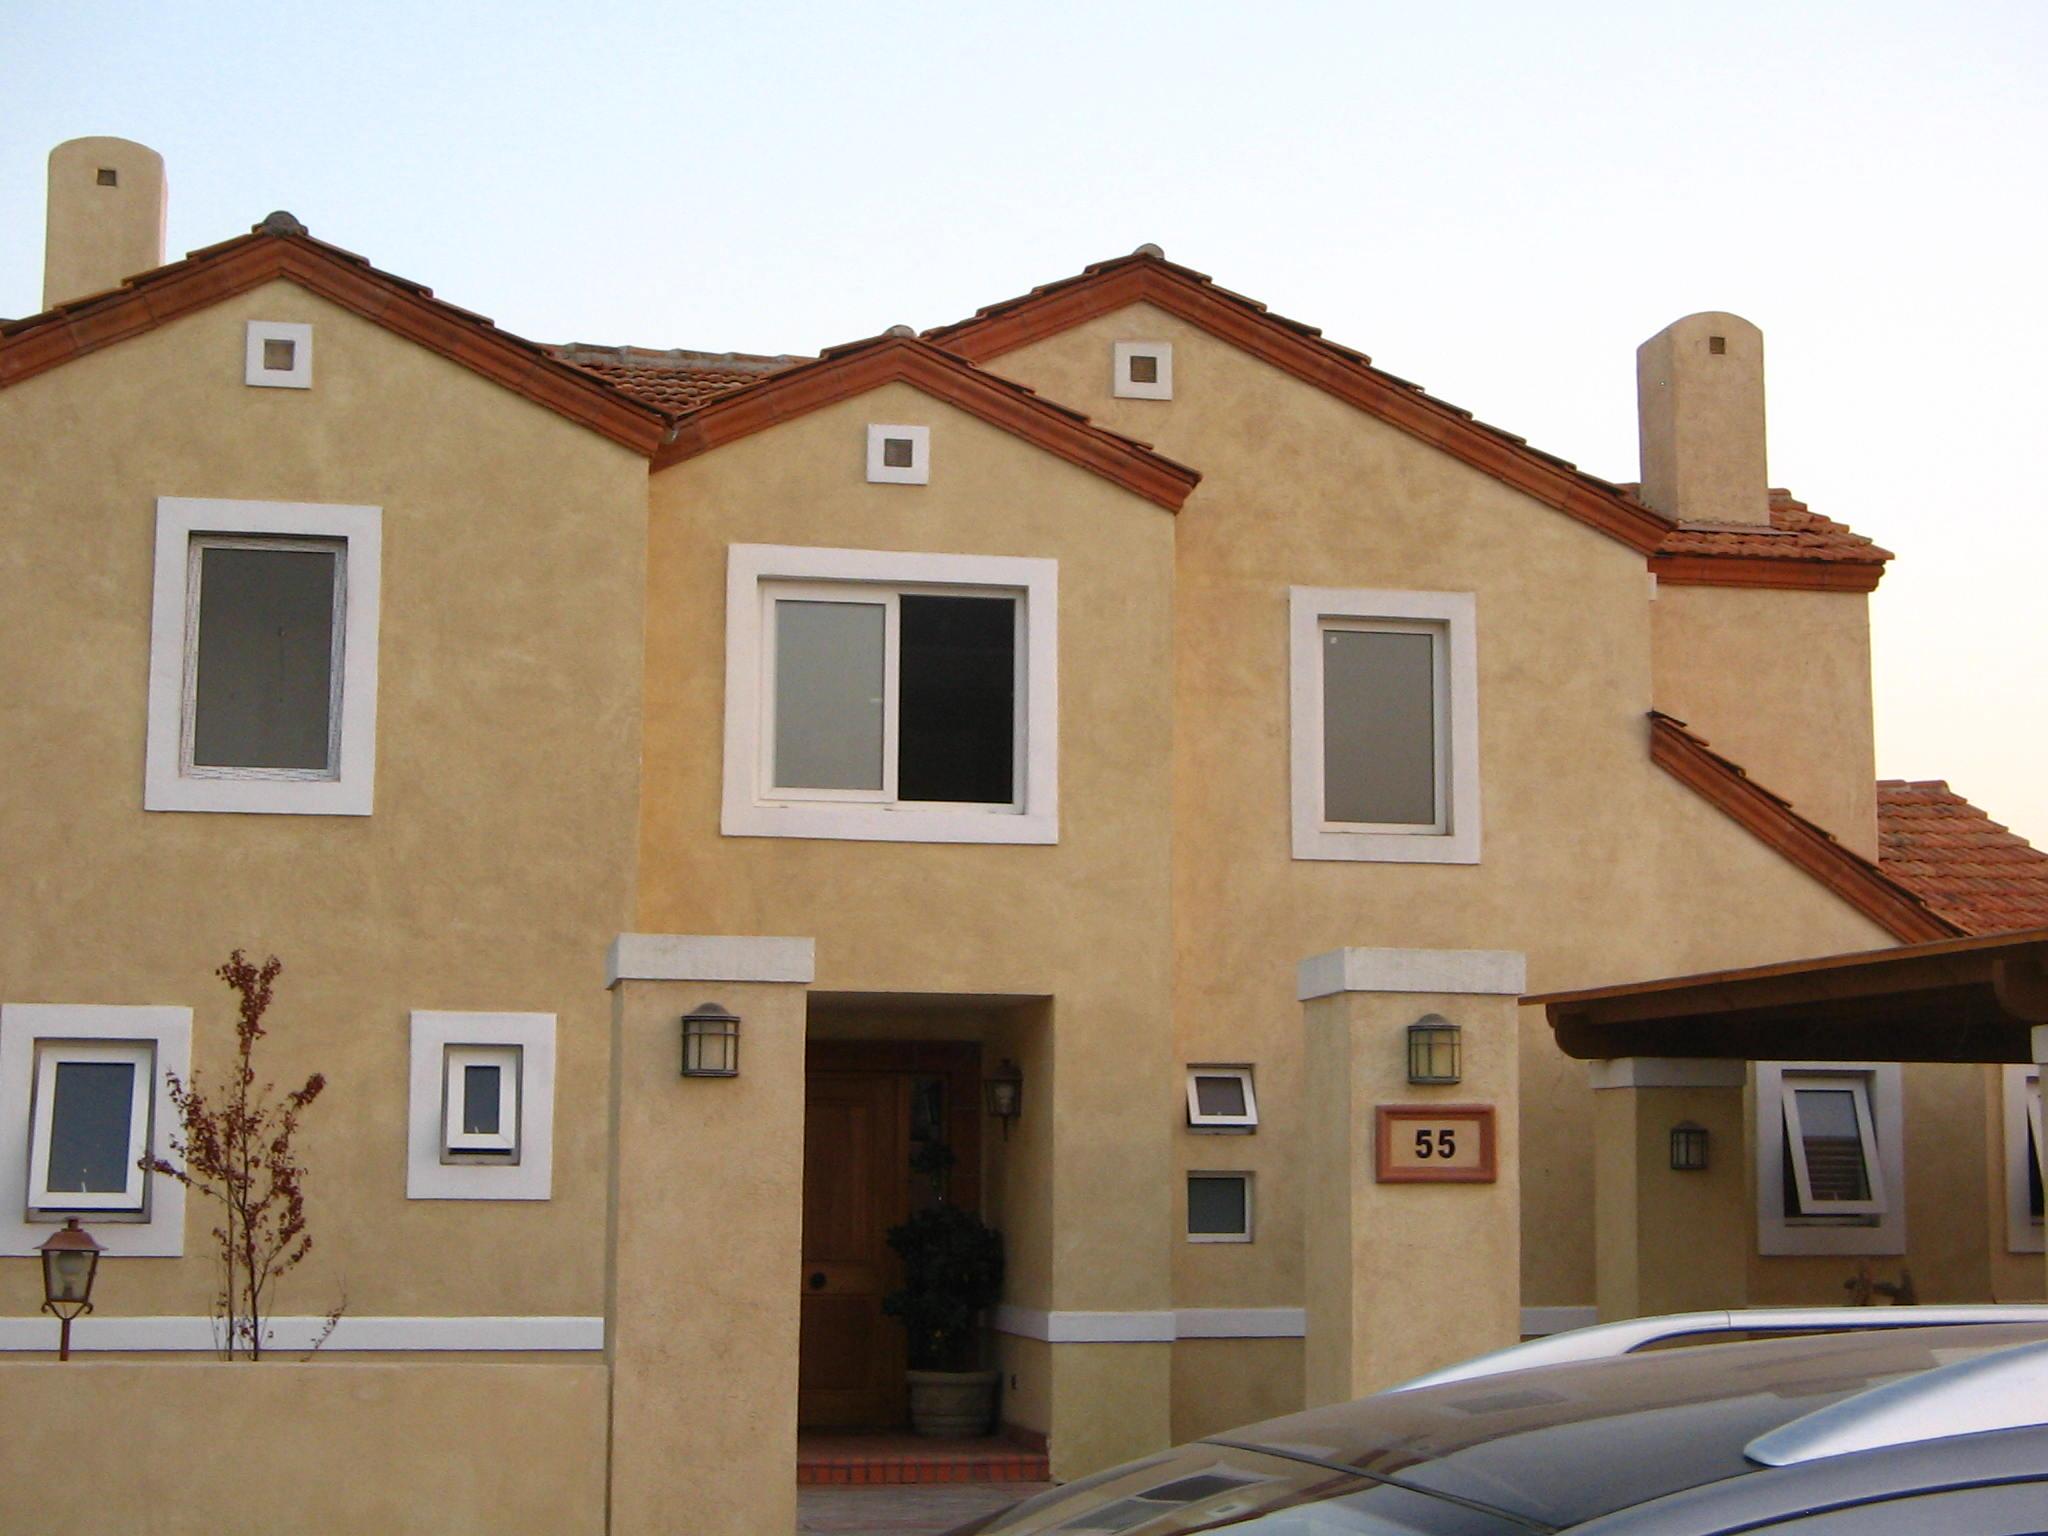 Construcci n en terreno la mejor soluci n en chile casas urbimar - Casas prefabricadas experiencias ...